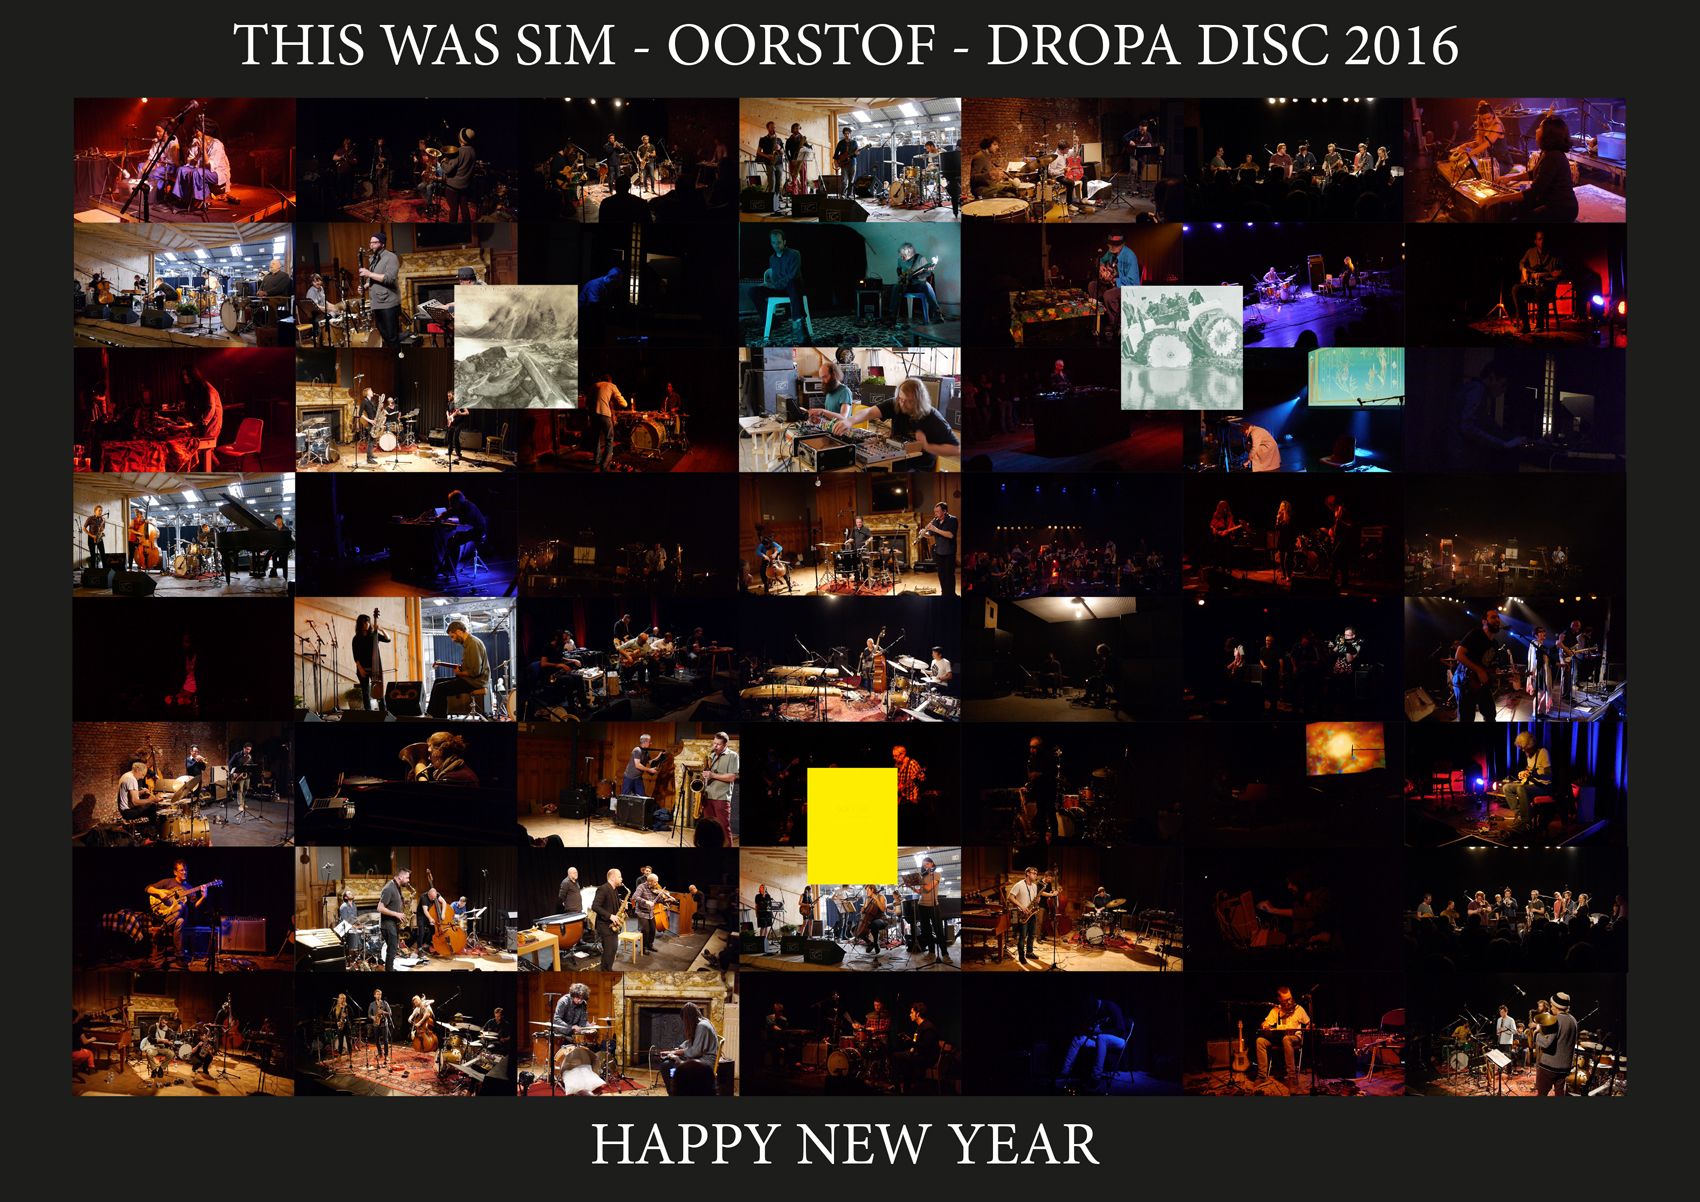 SIM – OORSTOF – DROPA DISC SPRING 2017